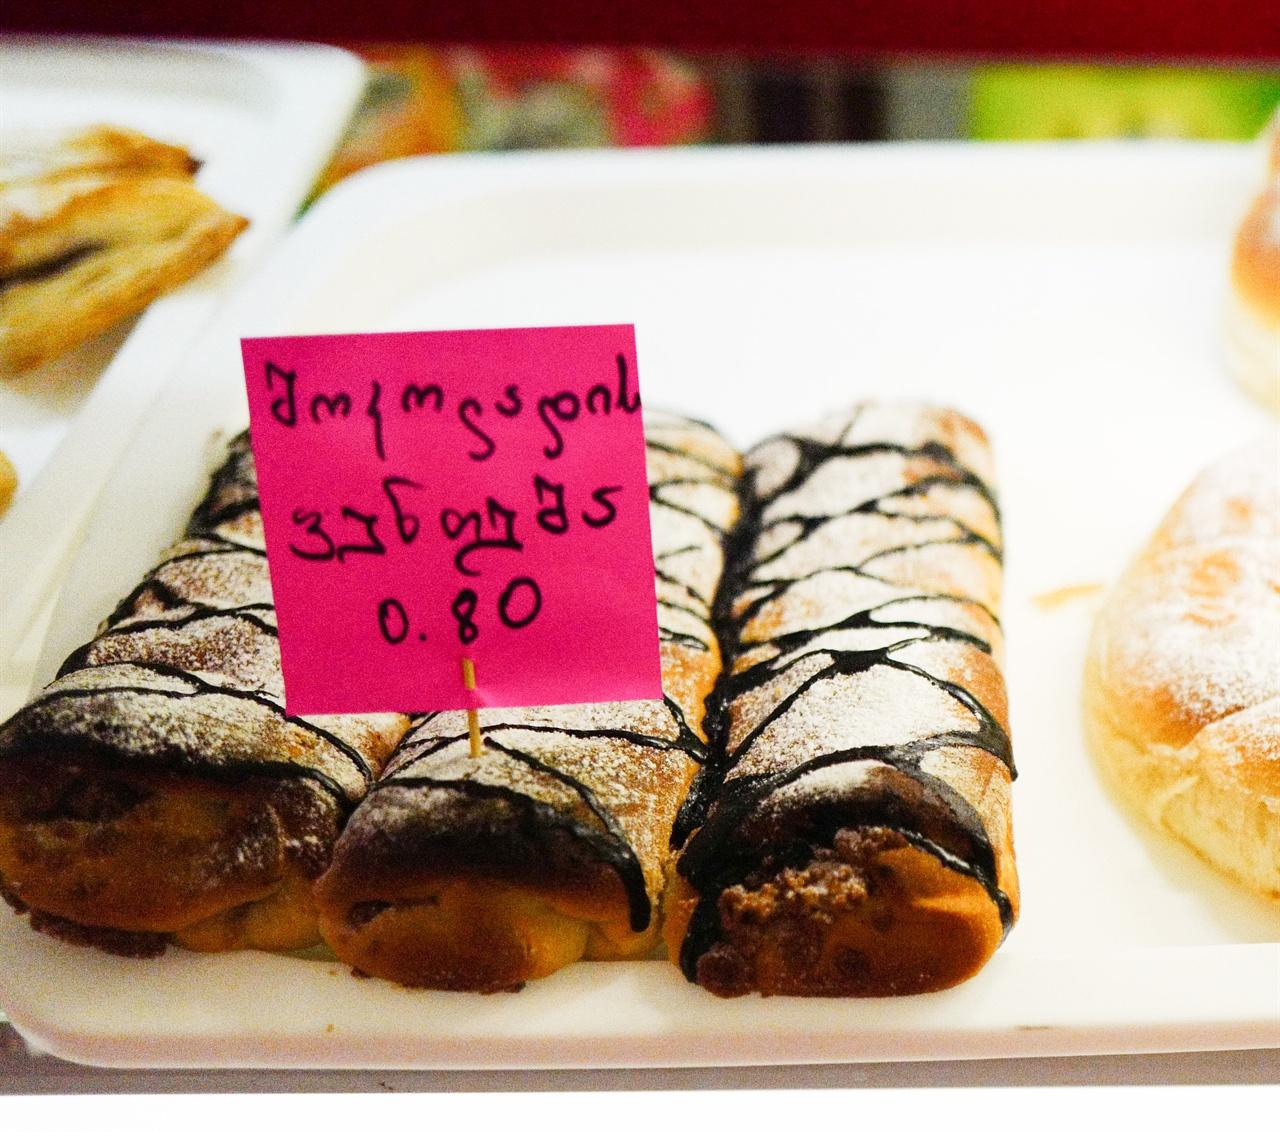 트빌리시 빵가게에서 파는 빵 트빌리시 빵가게에서는 주로 직접 만든 빵을 판다. 작은 케잌 하나 가격은 0.8라리정도이다